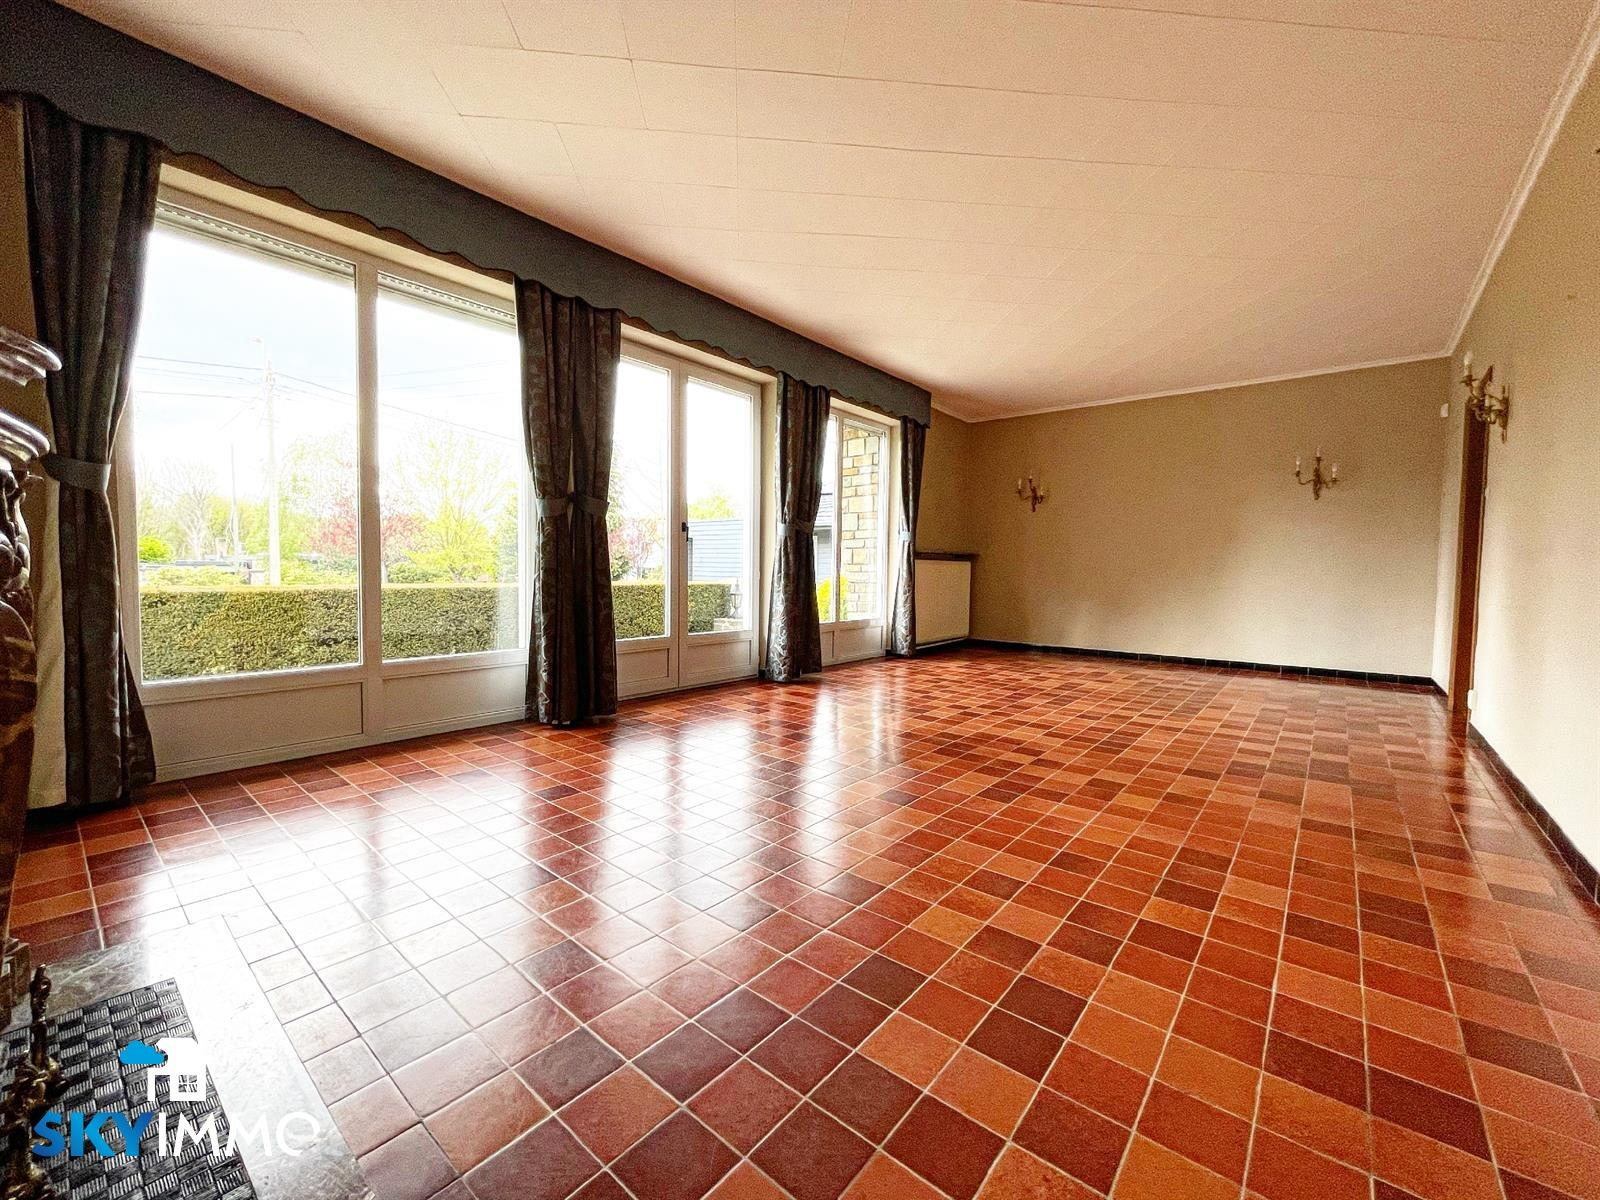 Maison - Liege - #4350467-7